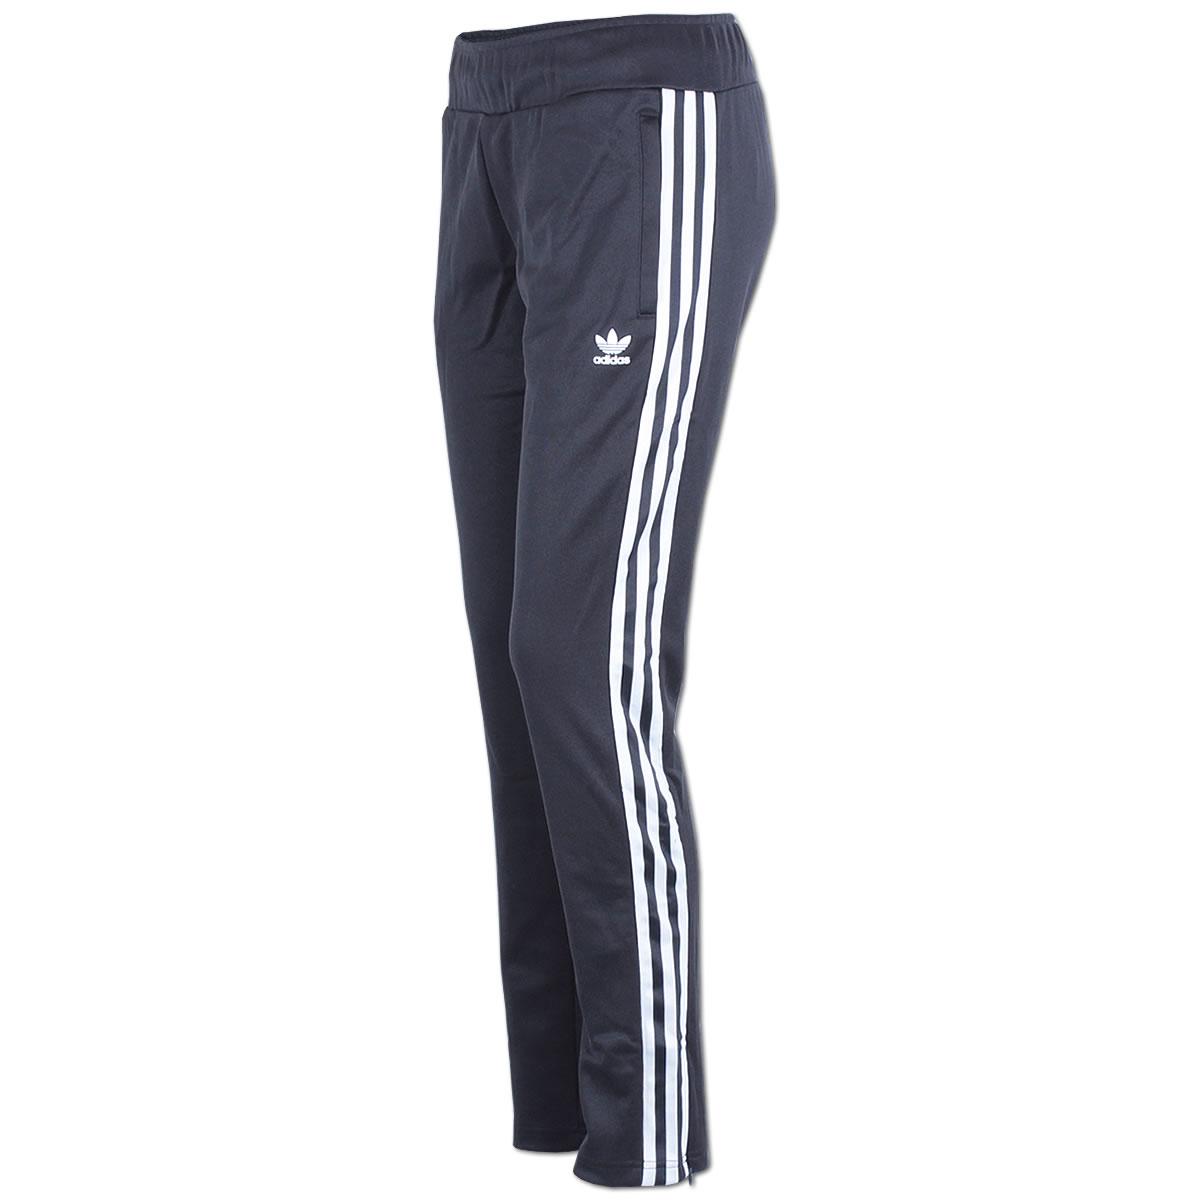 14f1597dff3e24 adidas Damen Hose Europa Track Pant Trainingshose Sporthose Jogginghose  schwarz